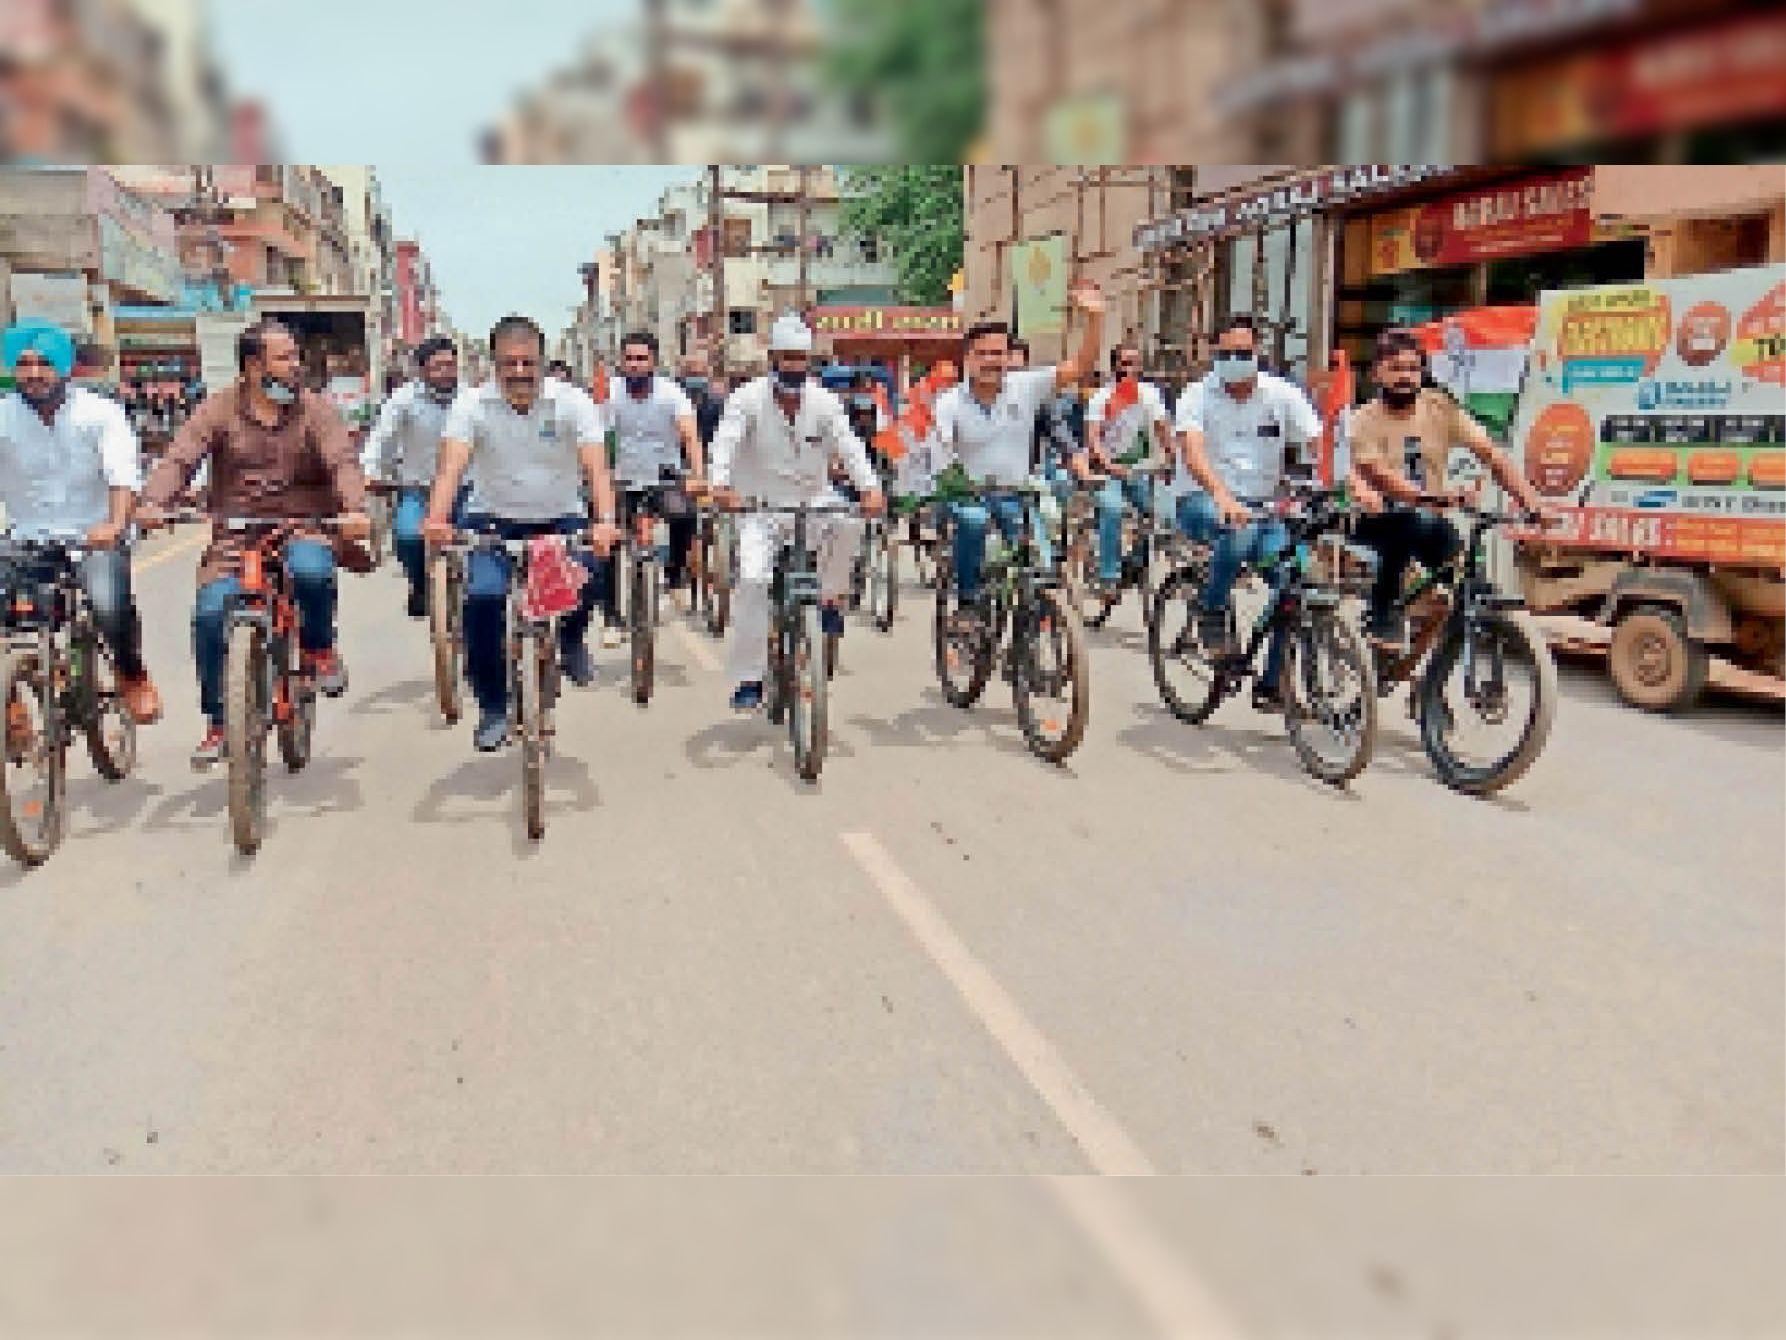 शहर में साइकिल यात्रा में शामिल होते कांग्रेस के नेता, केंद्र सरकार के खिलाफ लगाए नारे। - Dainik Bhaskar